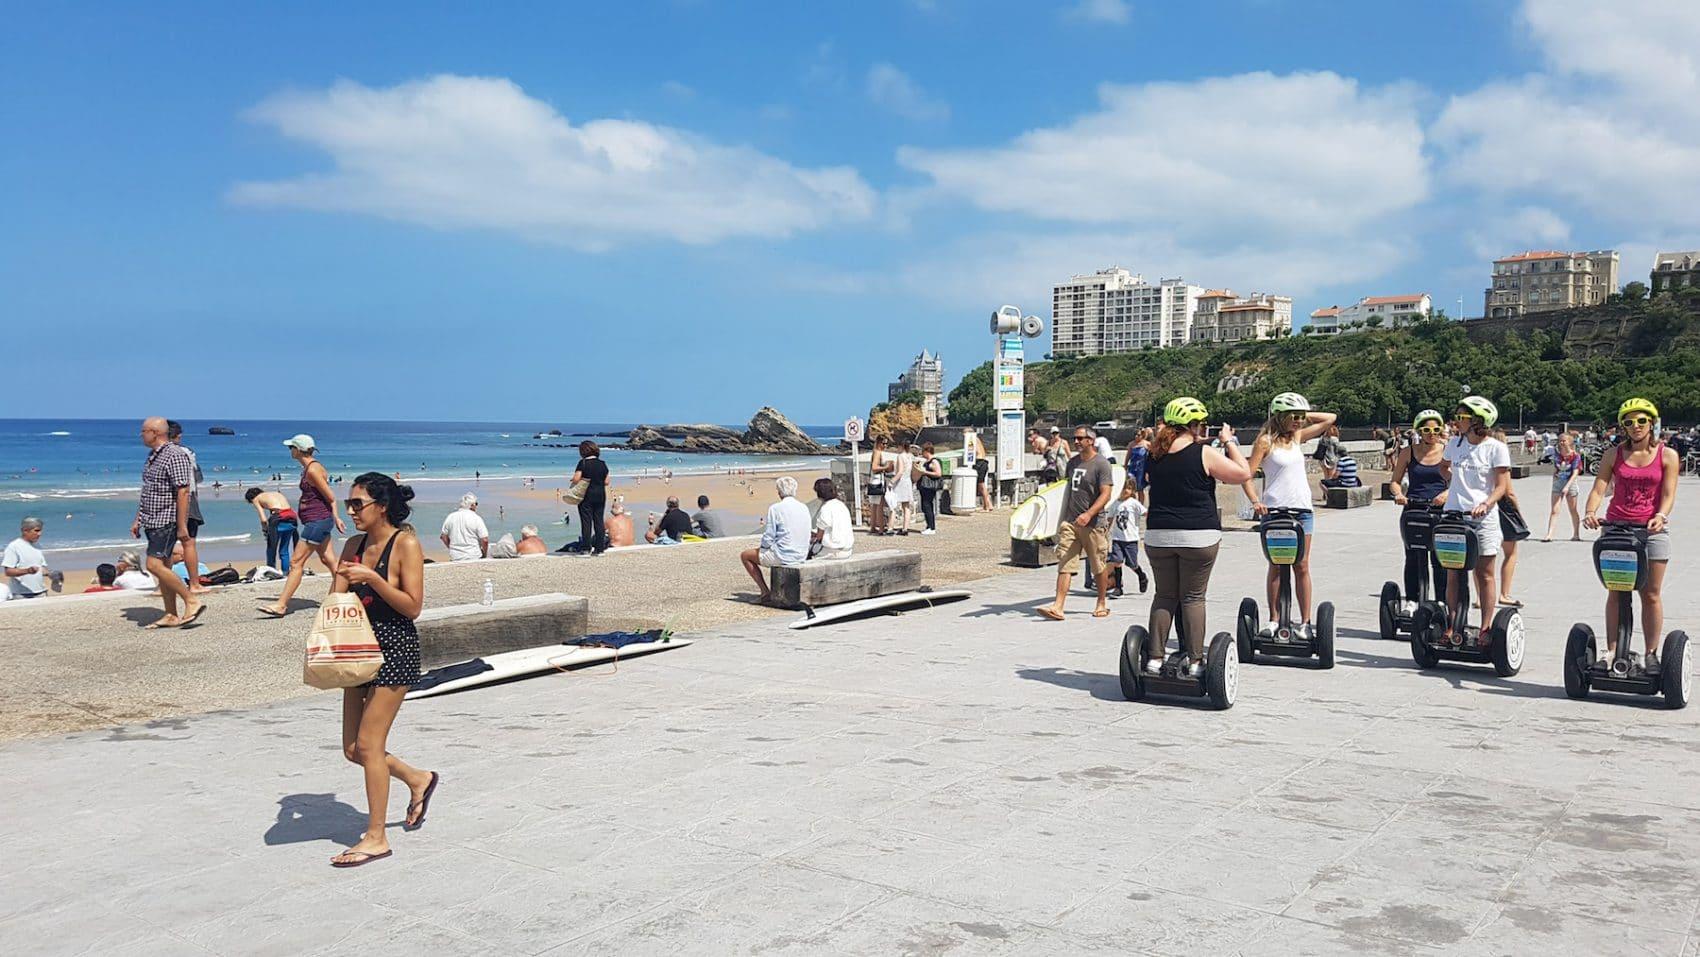 visiter-biarritz-segway-visite-biarritz-les-roues-de-lilou